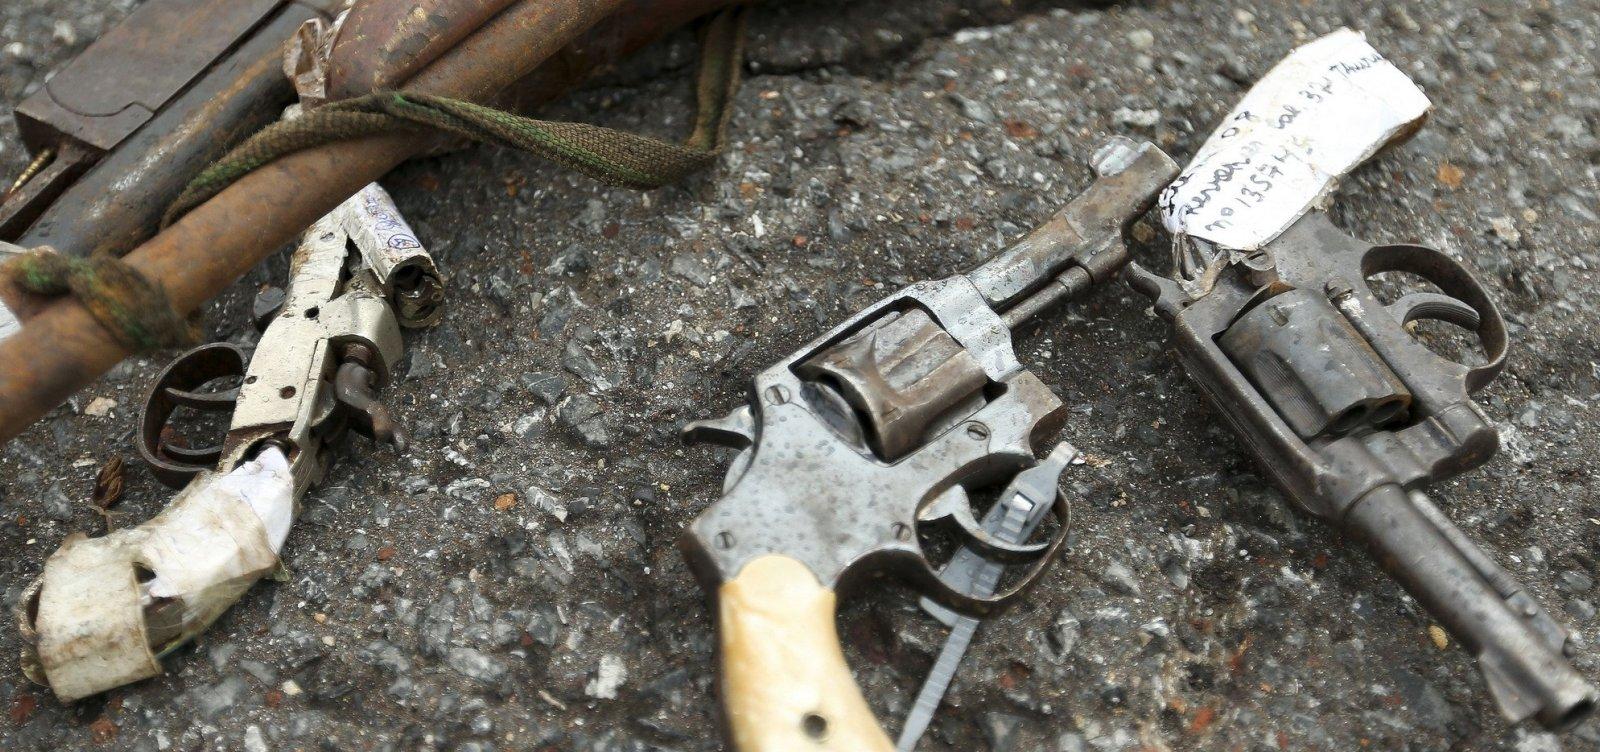 [Crianças morrem mais em Estados pró-armas nos EUA]